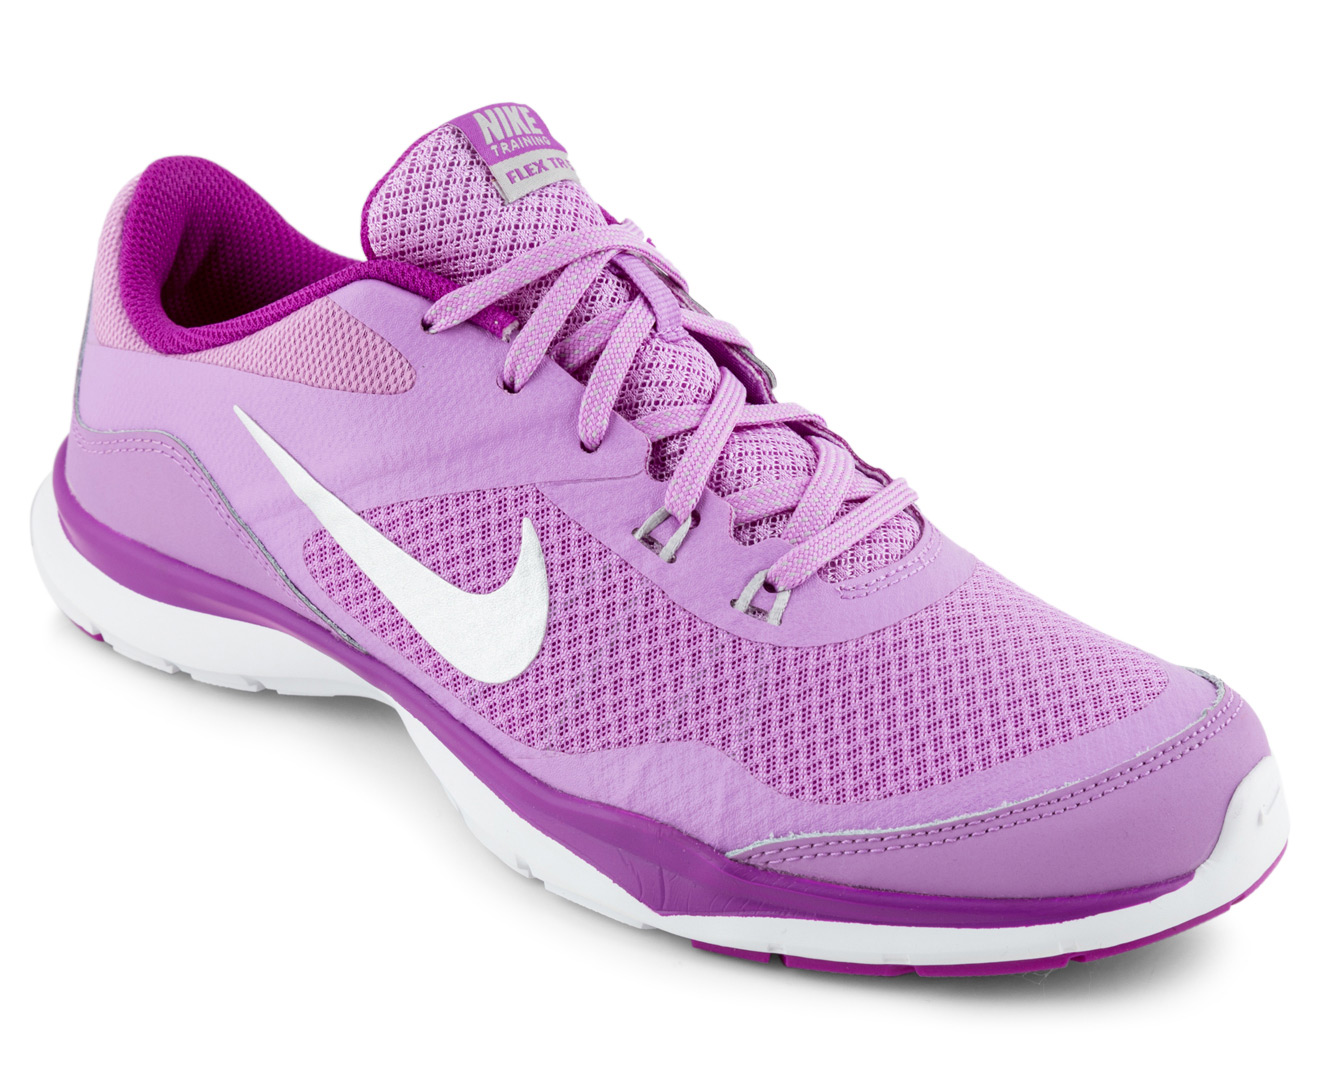 b1fec3eeac1ce Nike Women s Flex Trainer 5 Shoe - Fuchsia Glow Metallic Silver ...